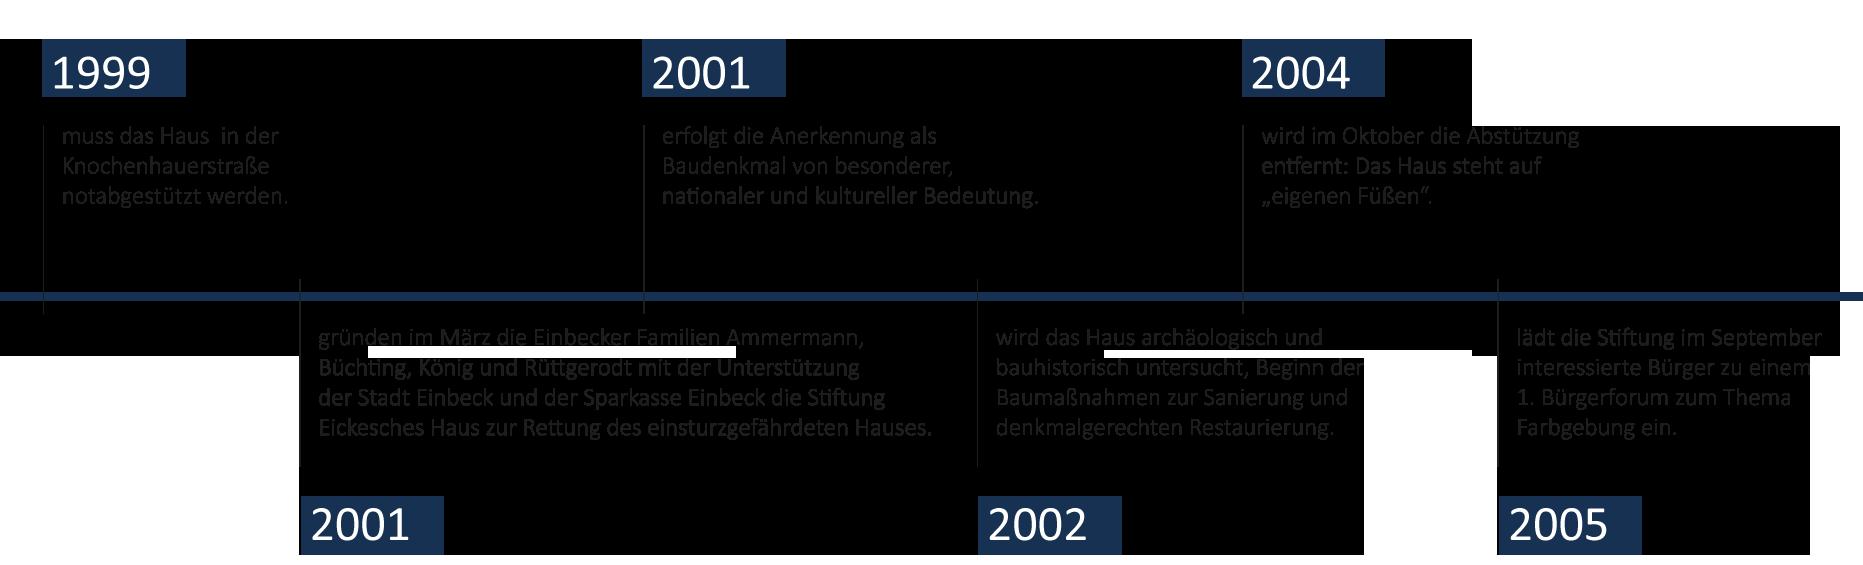 Zeitstrahl-Eickesches-HausFuerSlider3